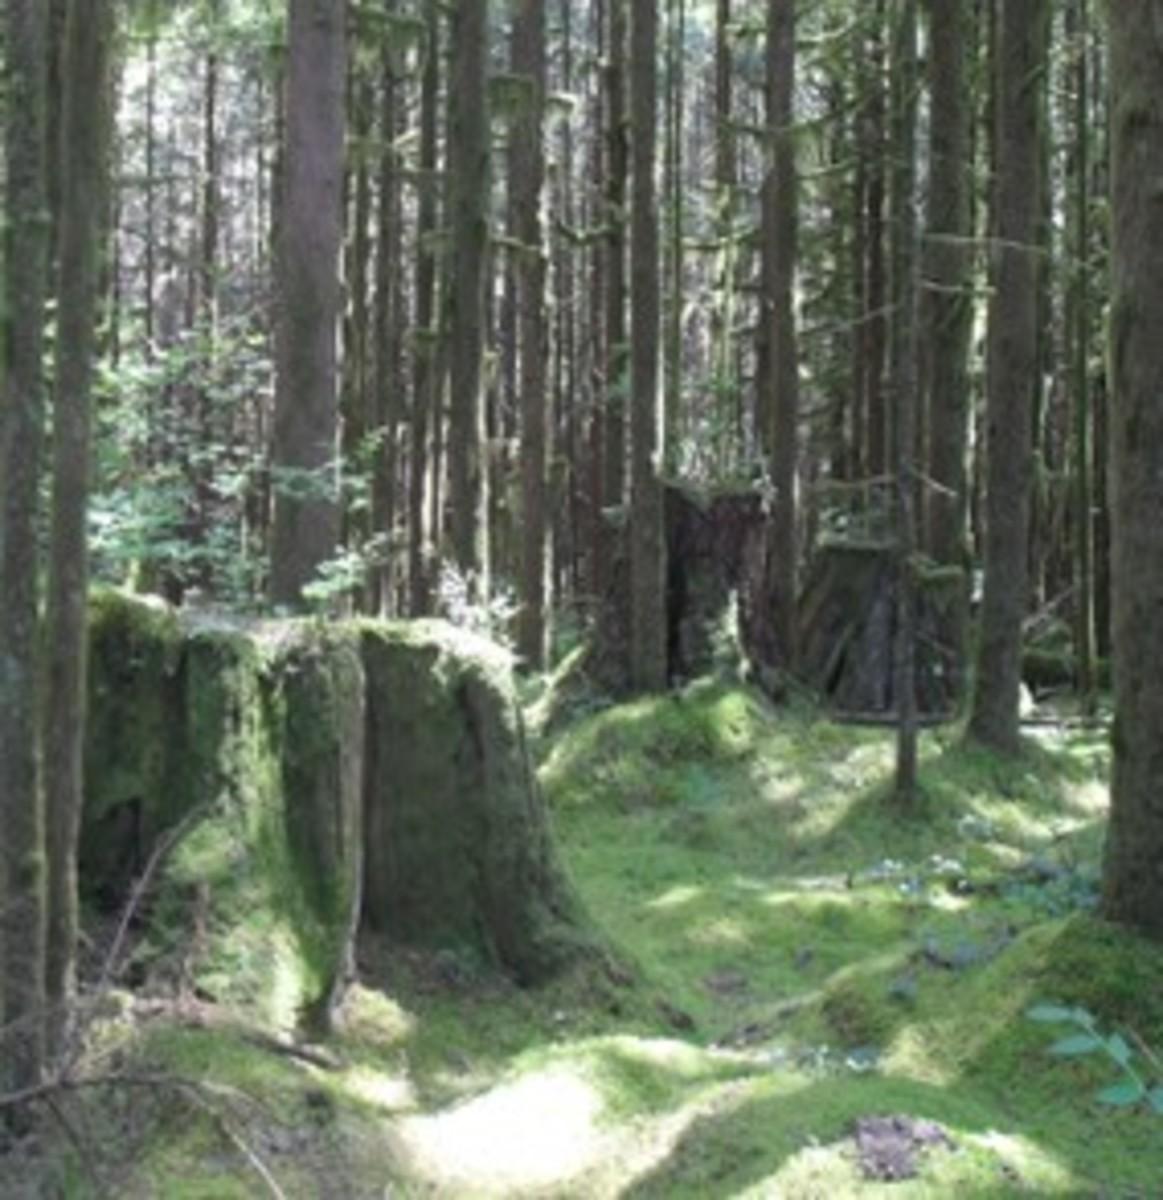 stumps of giants